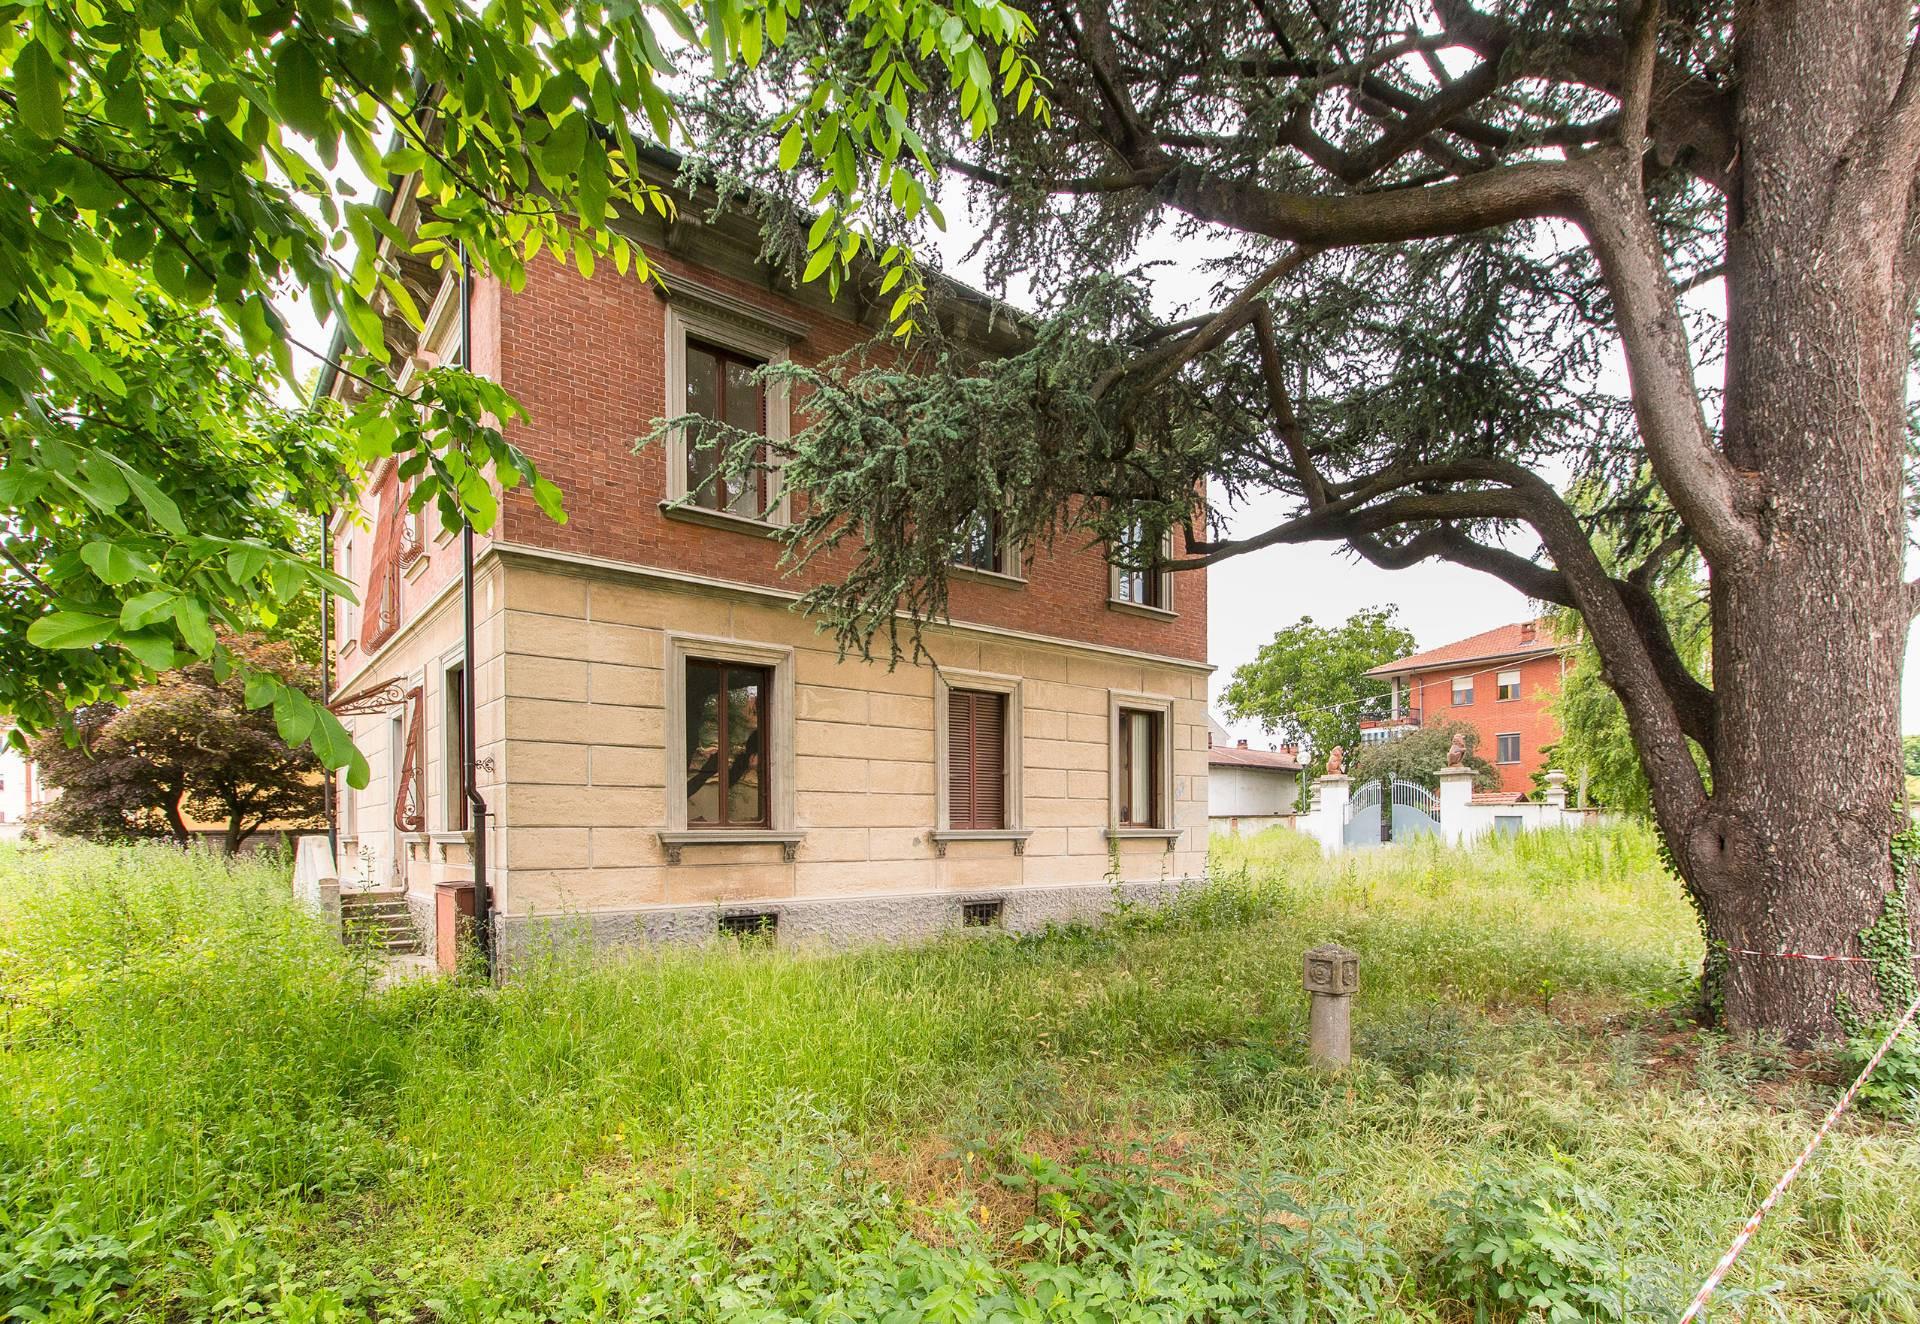 Villa in vendita a Villastellone, 15 locali, prezzo € 395.000   PortaleAgenzieImmobiliari.it